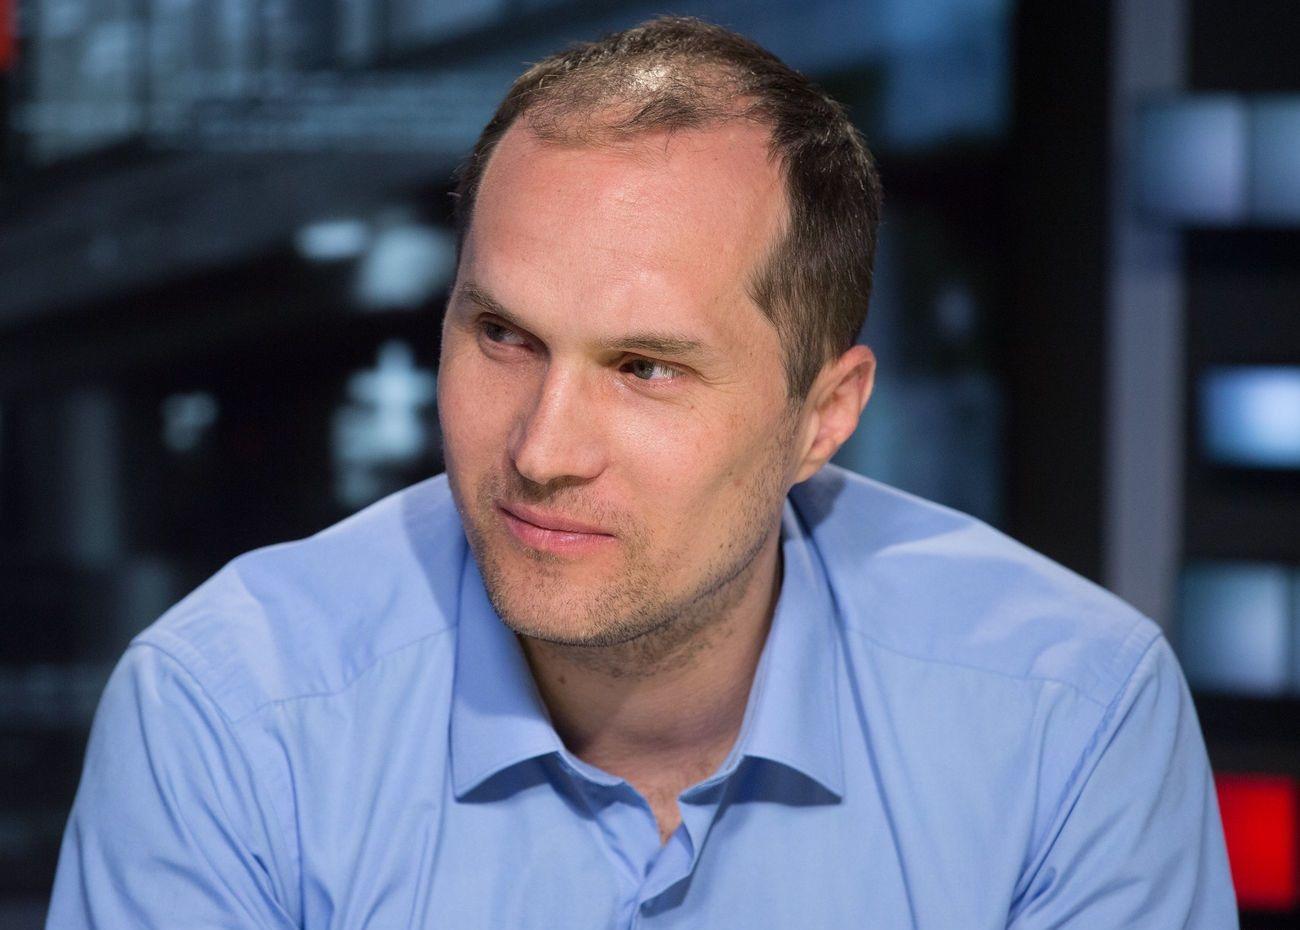 Журналист Бутусов обвинил киевские власти в сговоре с российской агентурой